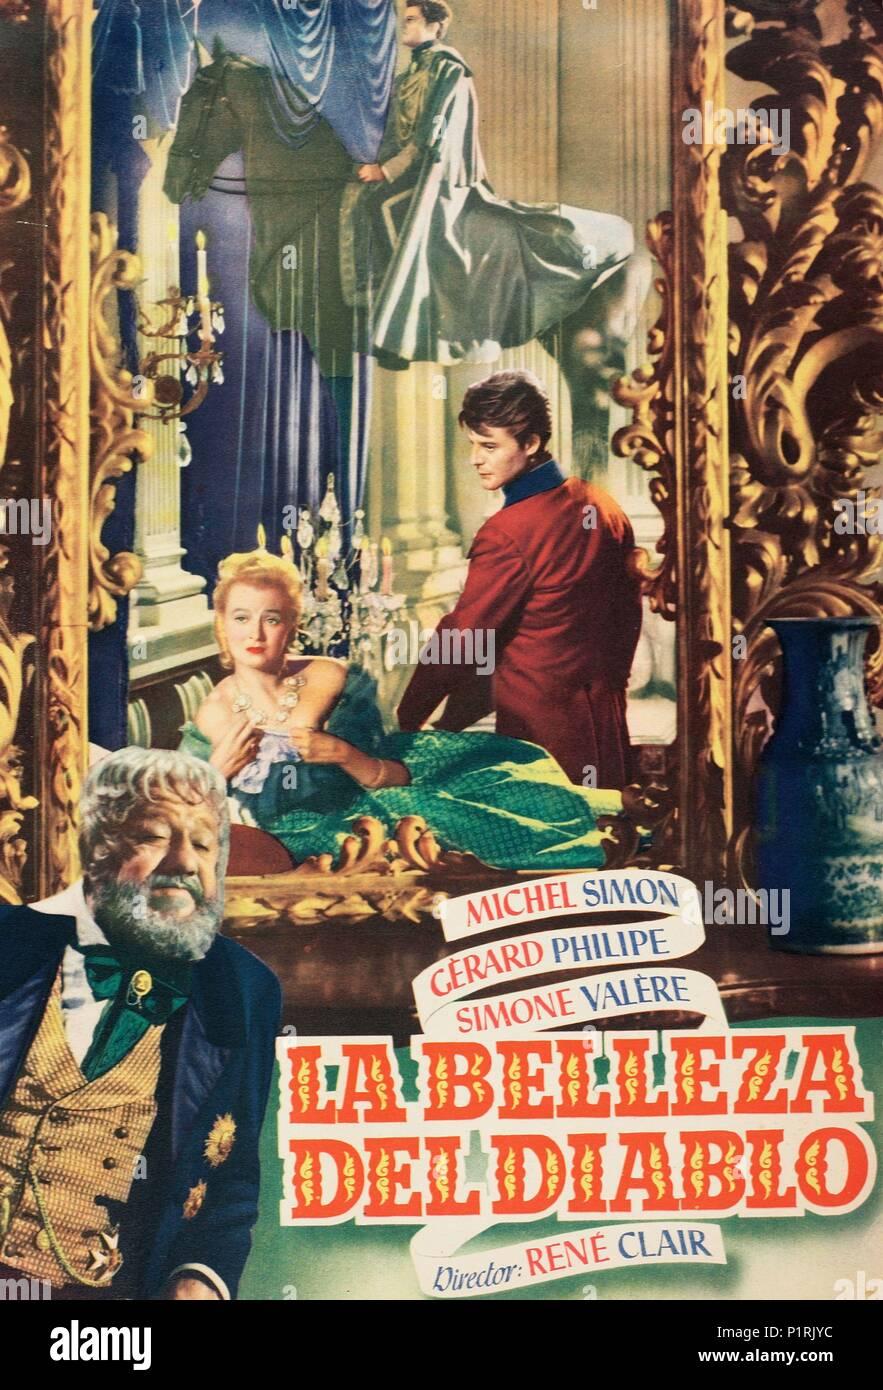 La beaute du diable Michel Simon Movie poster print